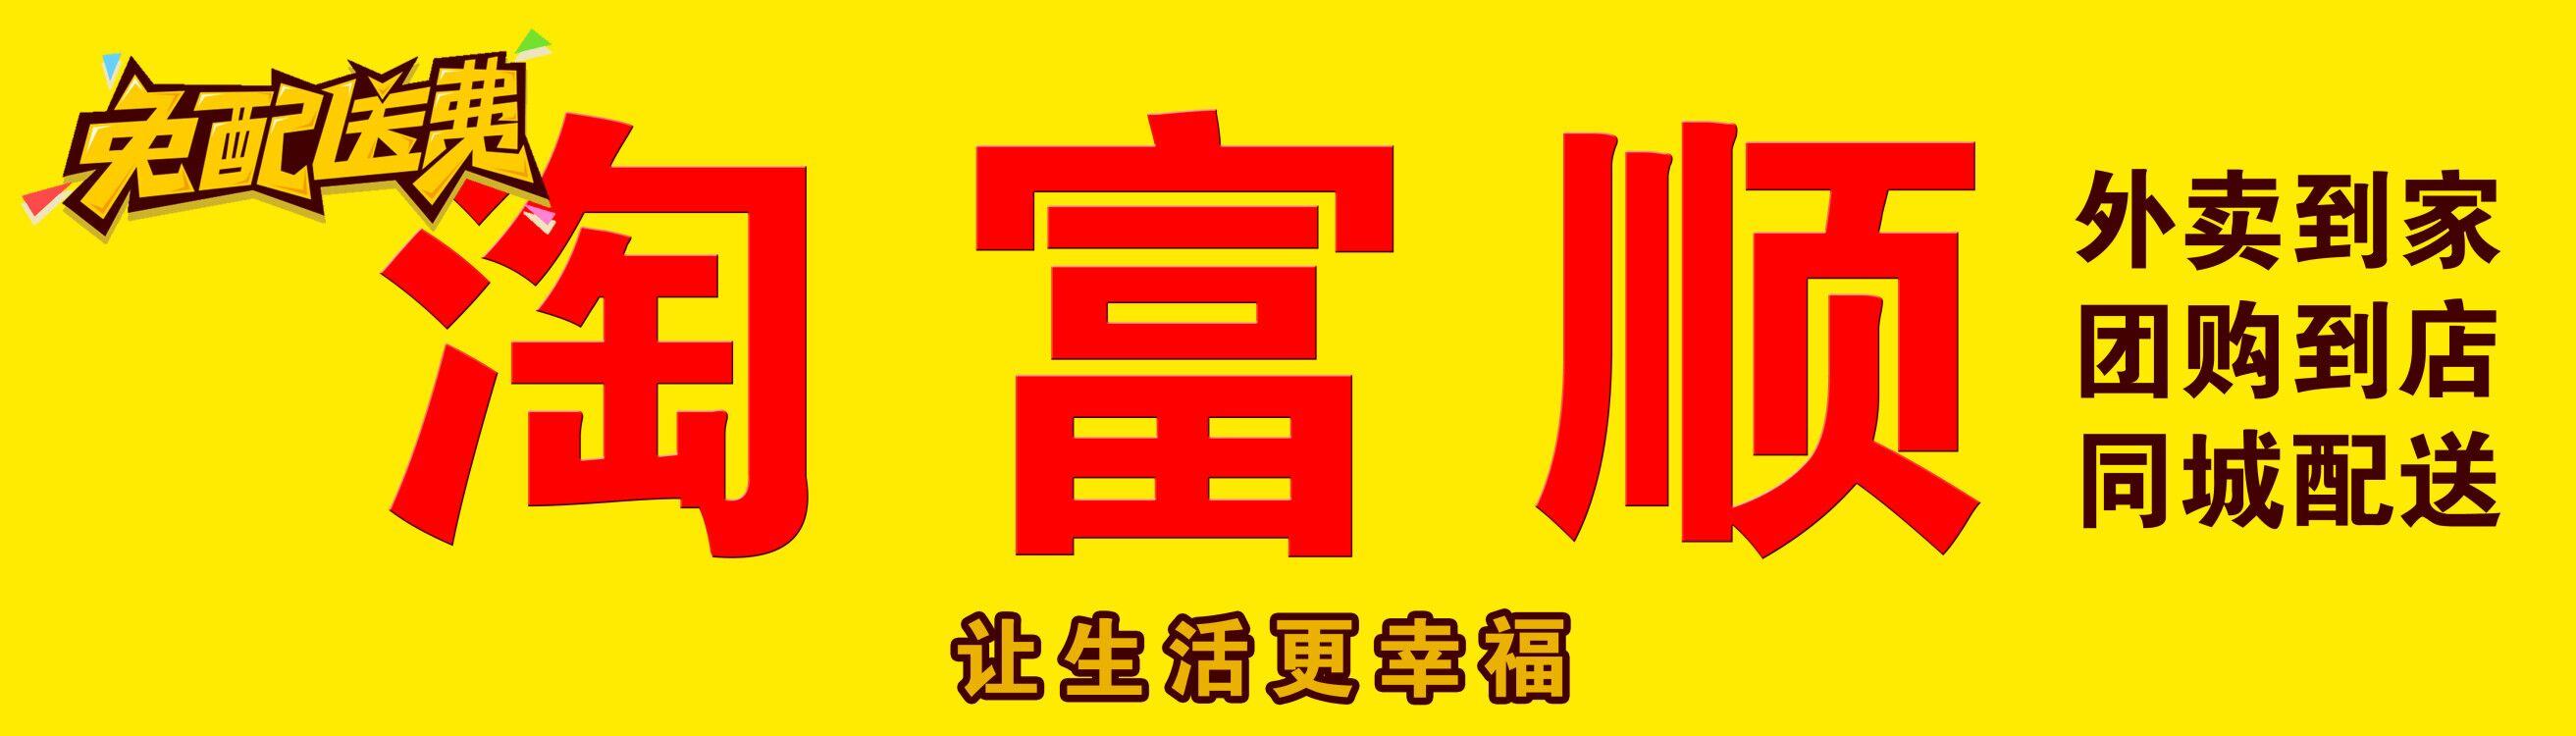 淘青海快三QQ群_台湾快三开奖200期--少花钱中大奖-顺